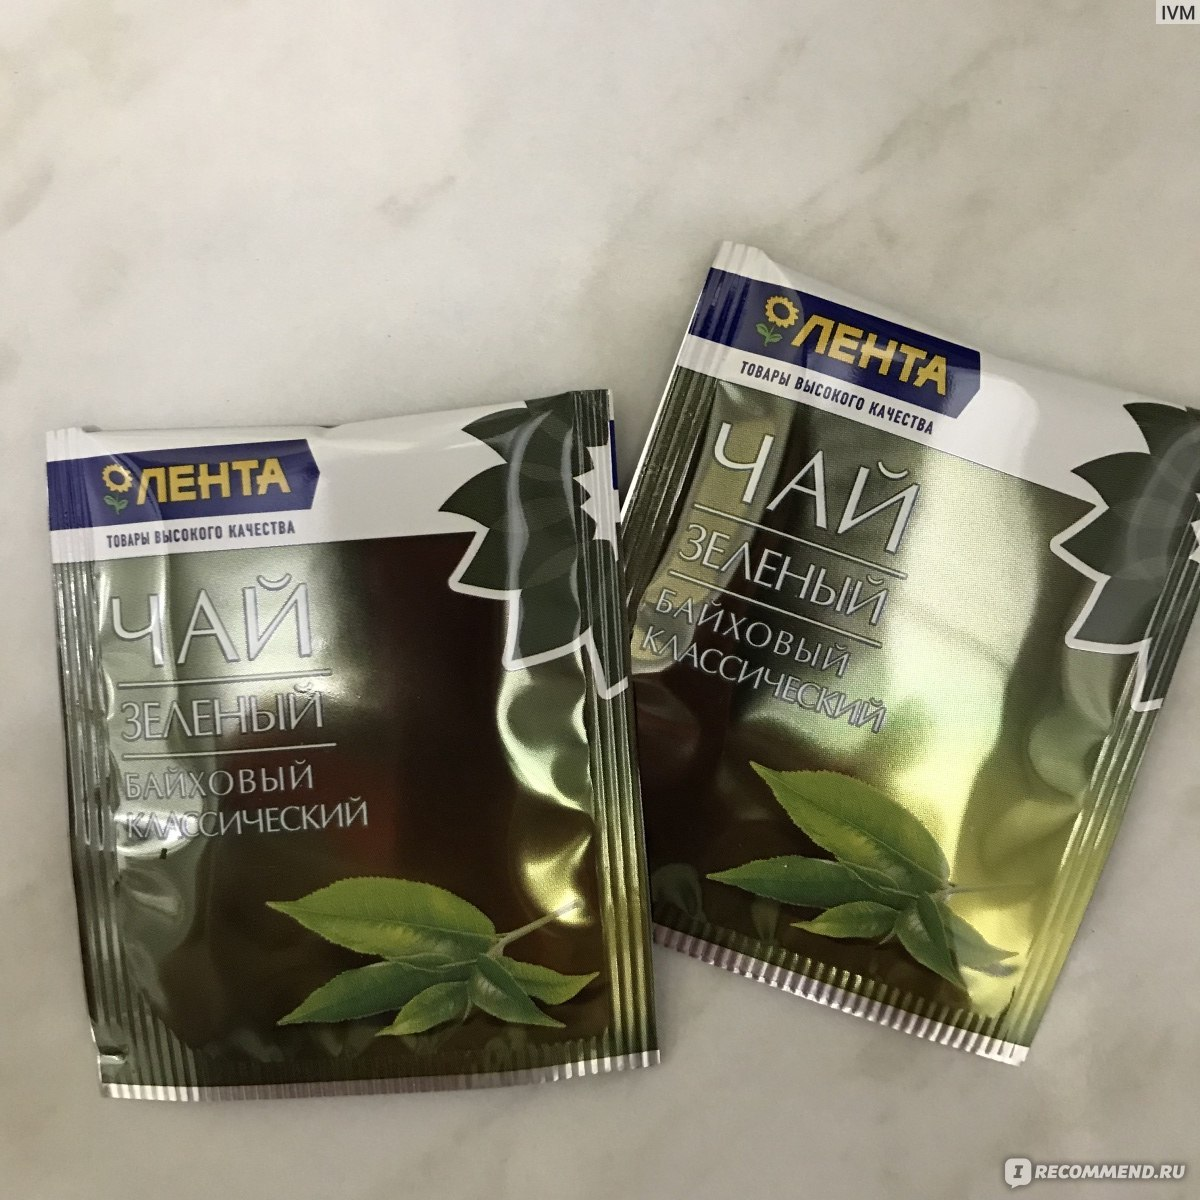 Элитный чай и его сорта